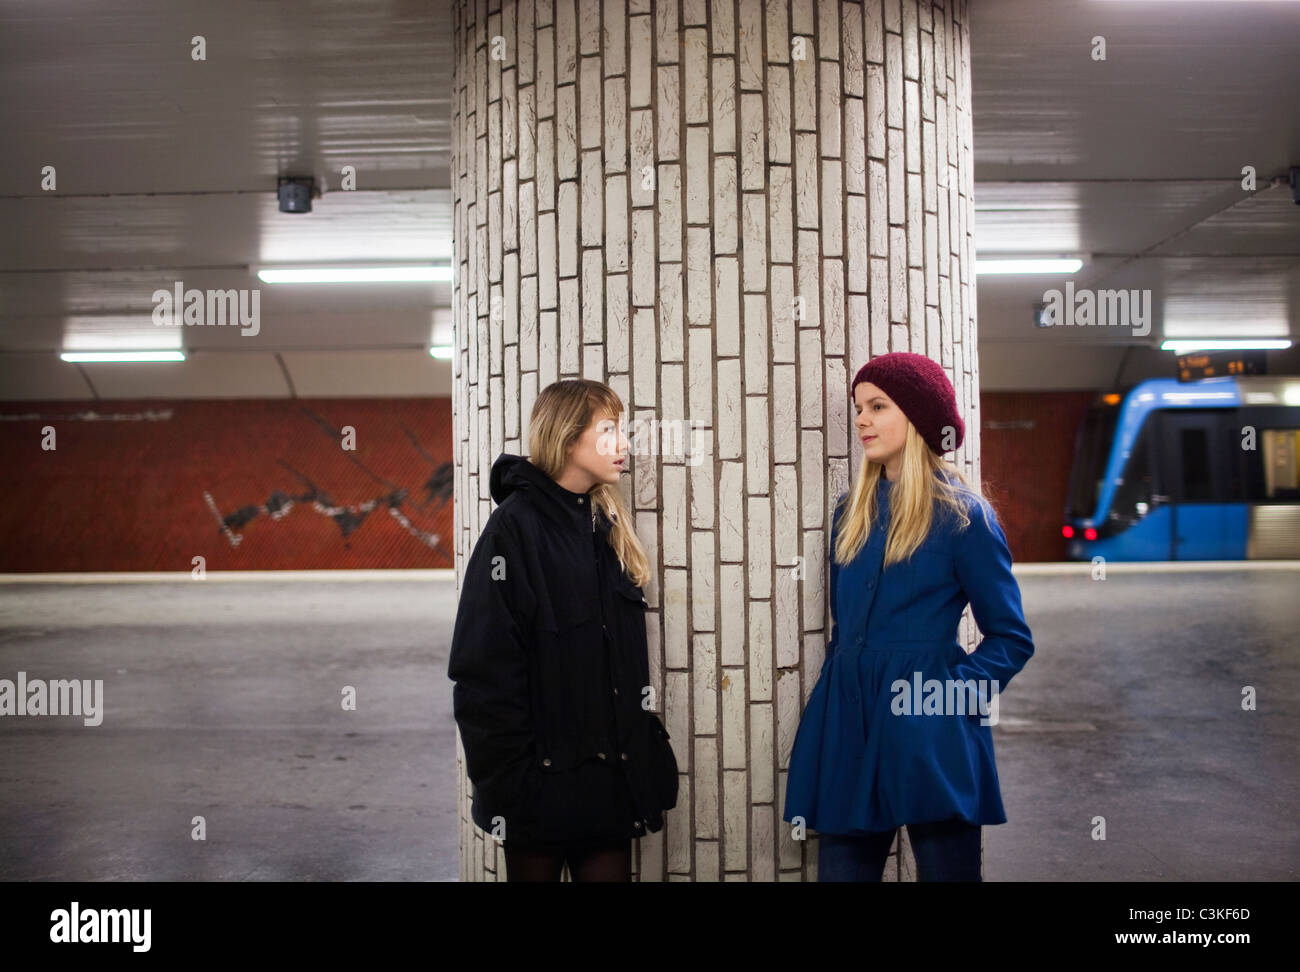 Teenage girls (14-15) talking on railway platform - Stock Image